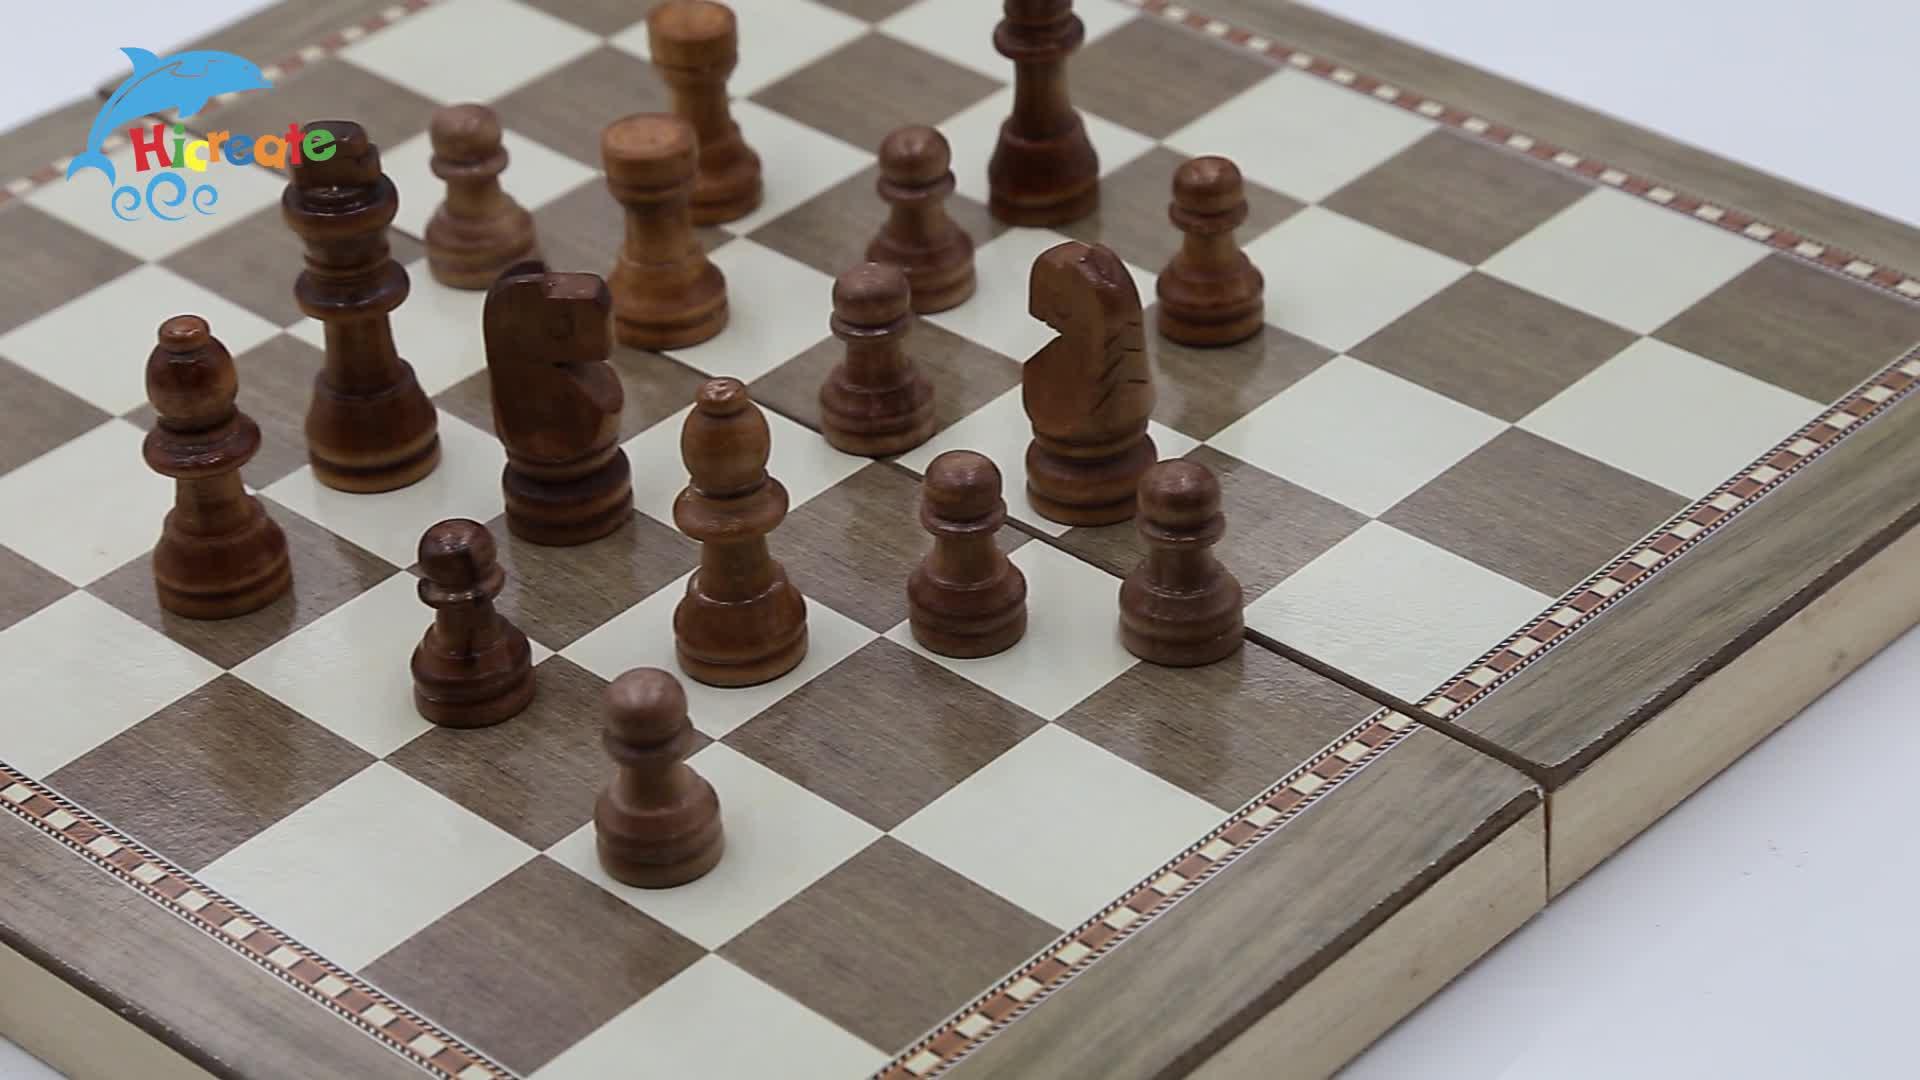 Su misura di alta qualità di scacchi e dama set di scacchi in legno gioco da tavolo